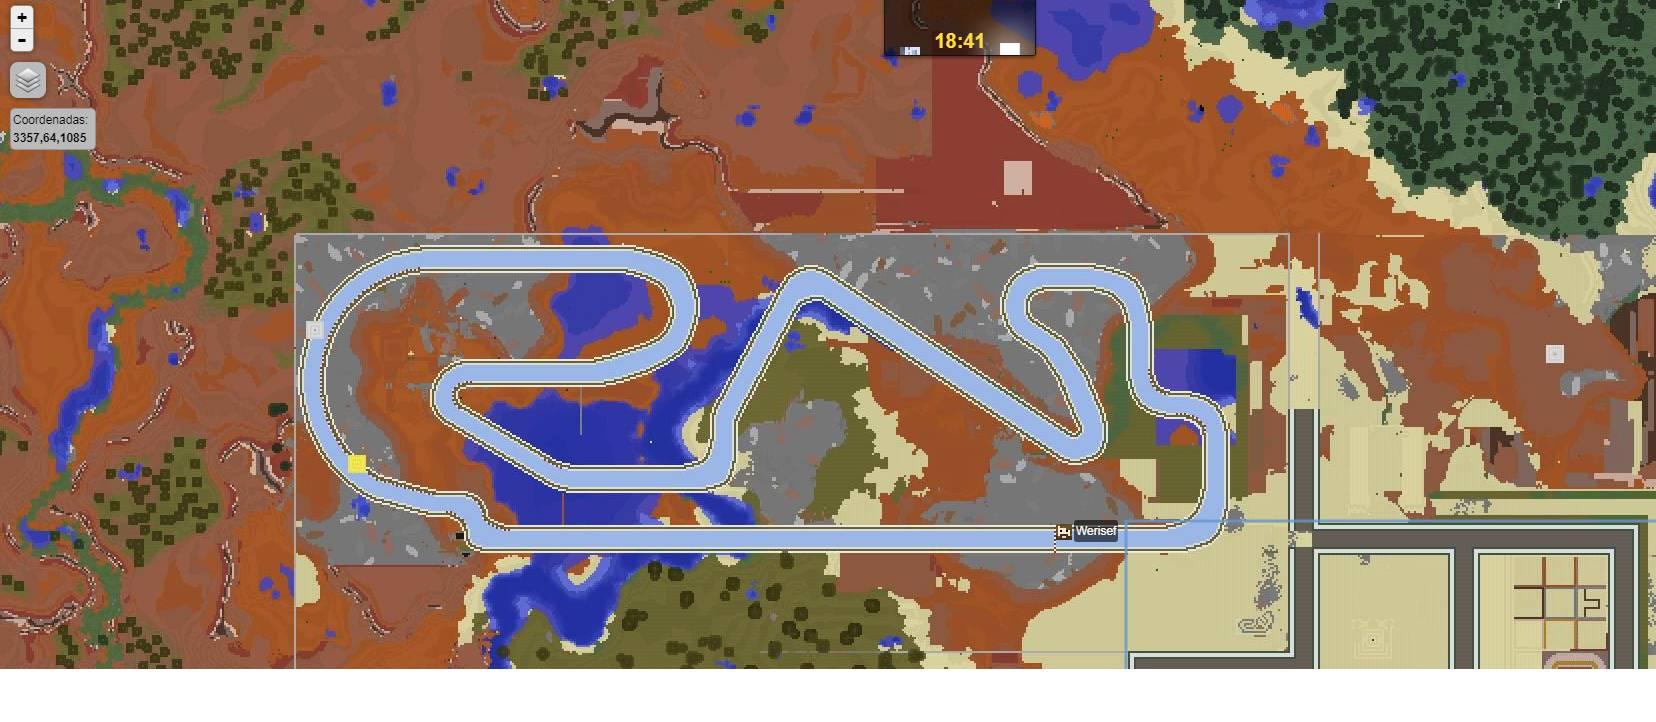 Circuito Montmelo : Foro de la comunidad y servidor premium u circuito de formula de